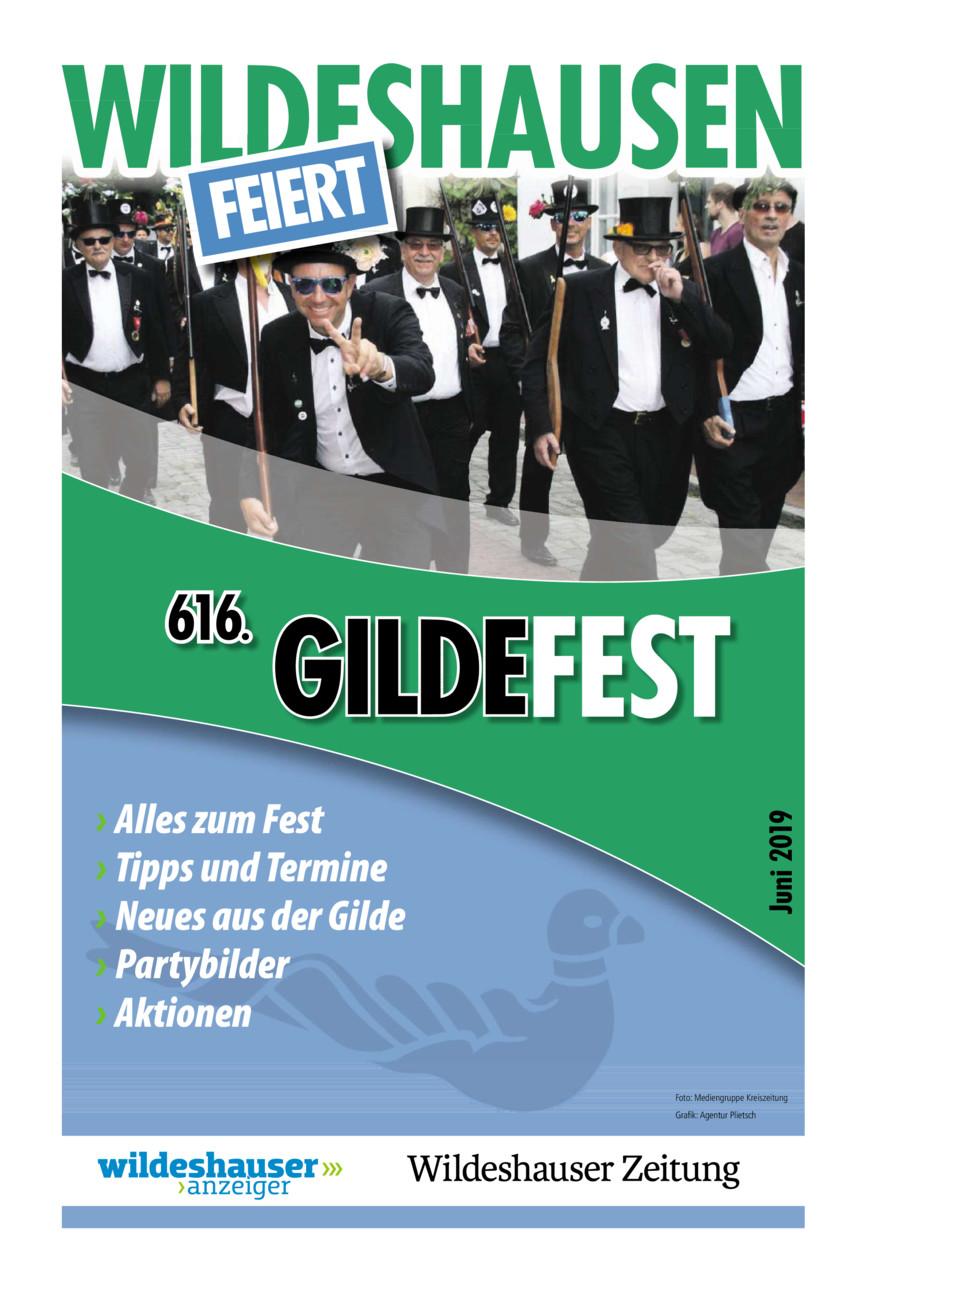 Wildeshausen feiert - 616. Gildefest vom Donnerstag, 06.06.2019